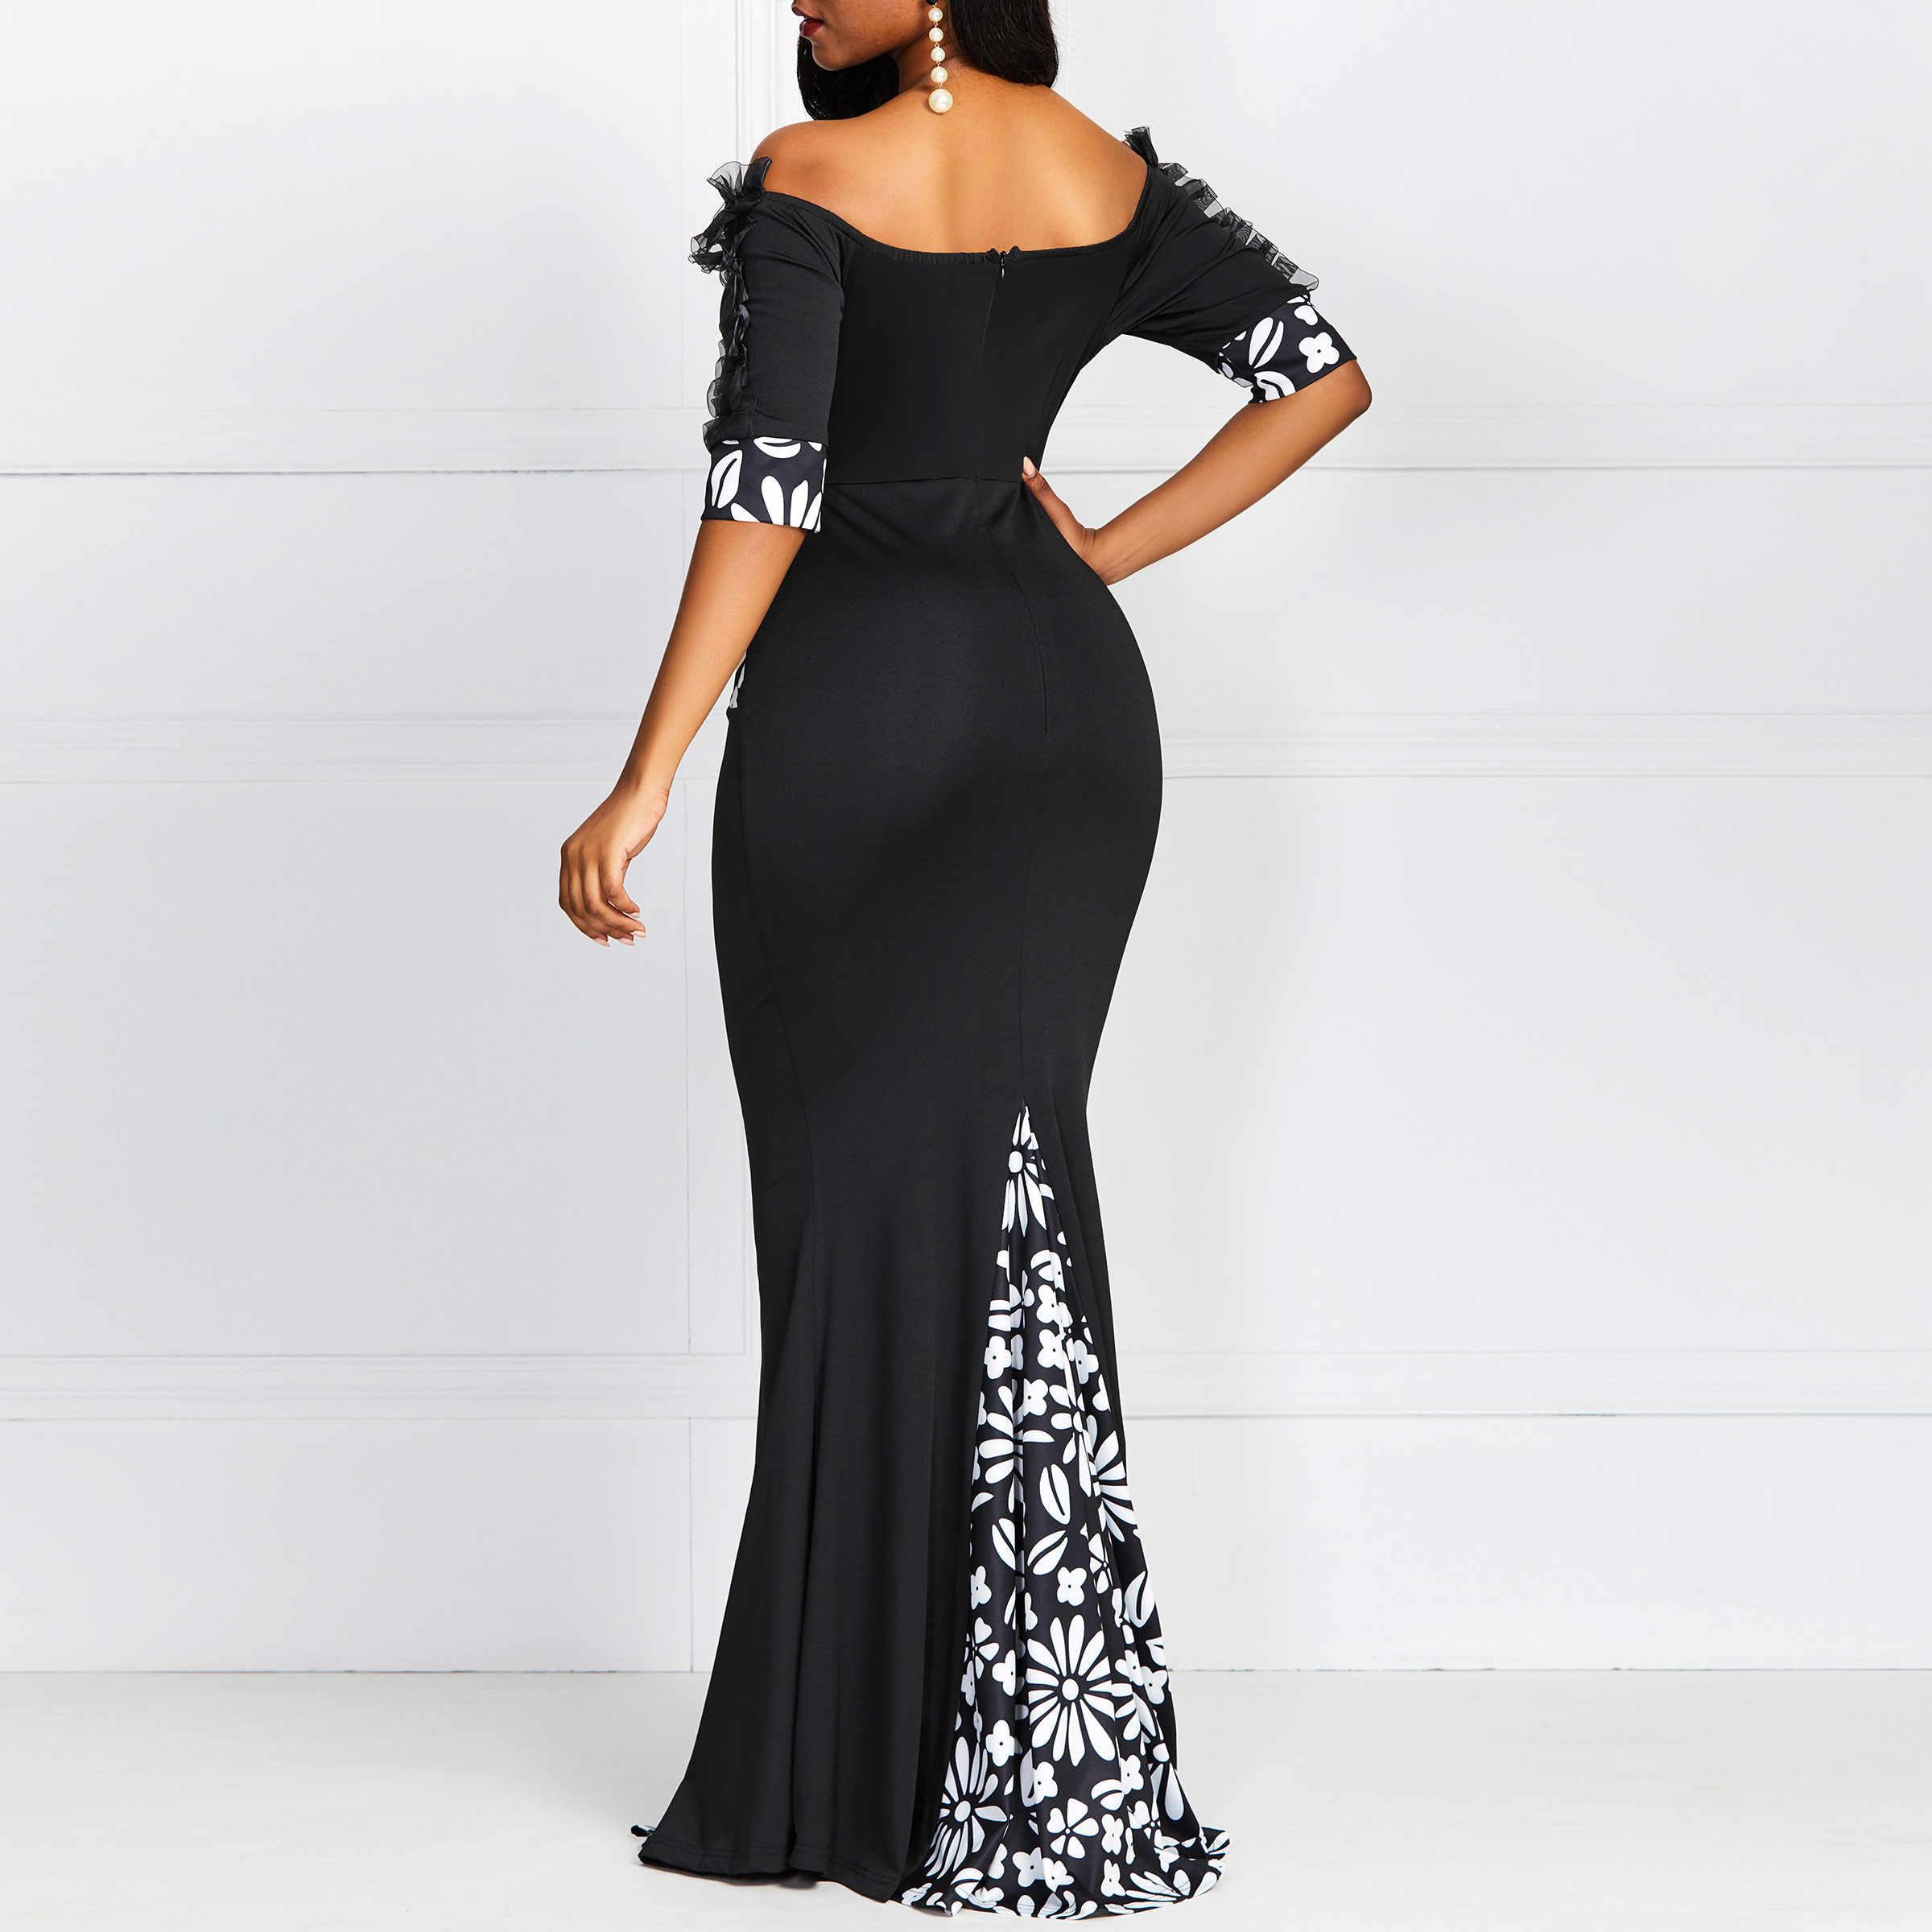 Женское элегантное облегающее платье, летнее, черное, с открытыми плечами, цветочный принт, Русалка, тонкое, сексуальное платье, винтажное, кружевное, для девушек, вечерние, длинное платье